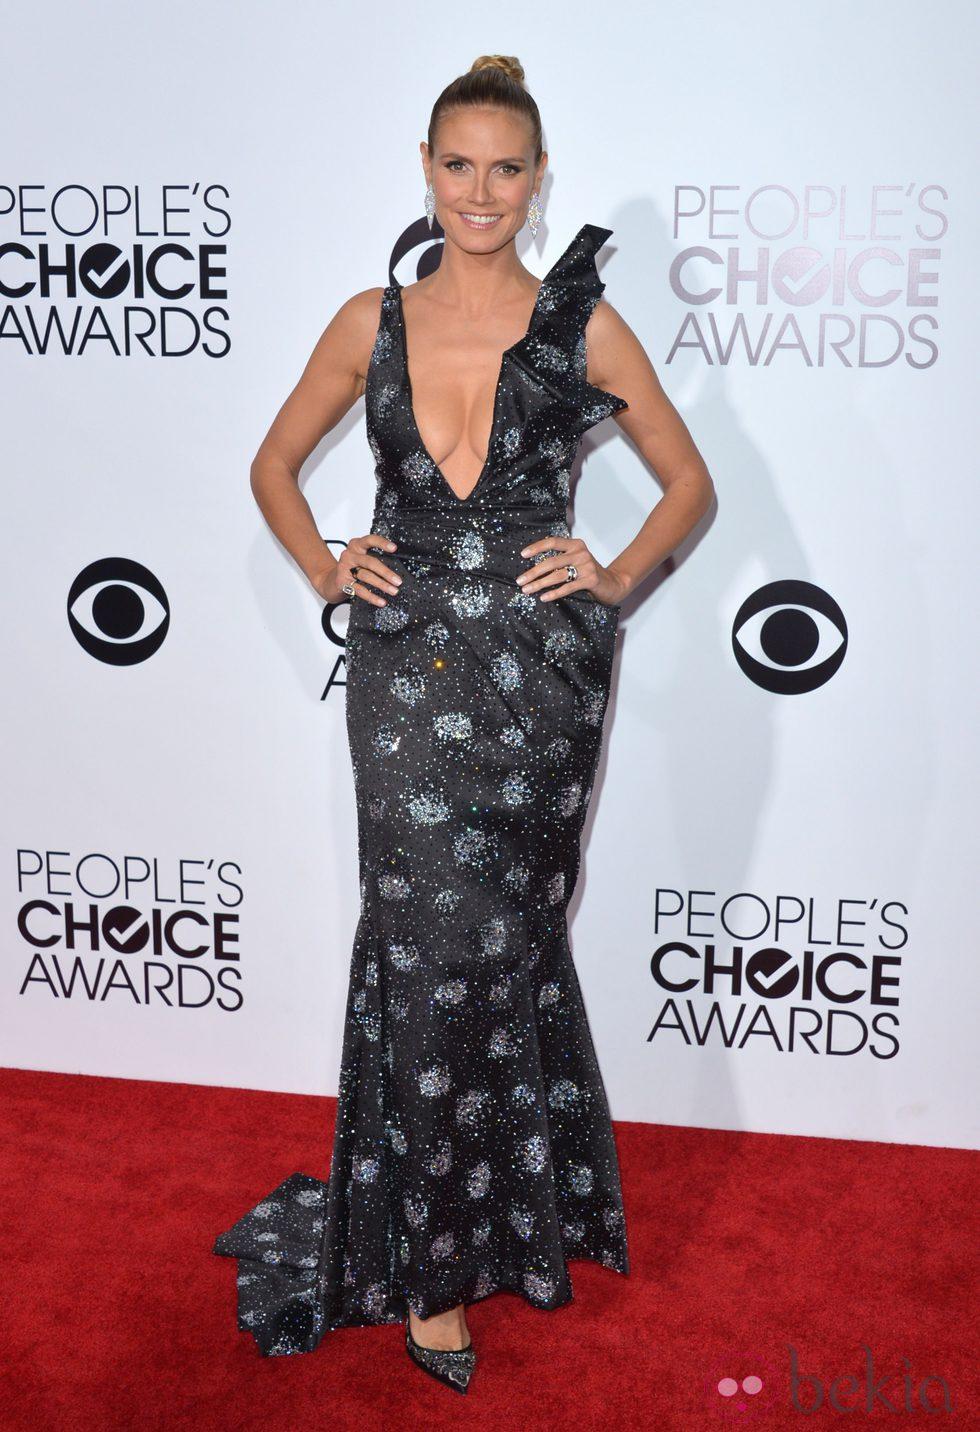 Heidi Klum en la alfombra roja de los People's Choice Awards 2014